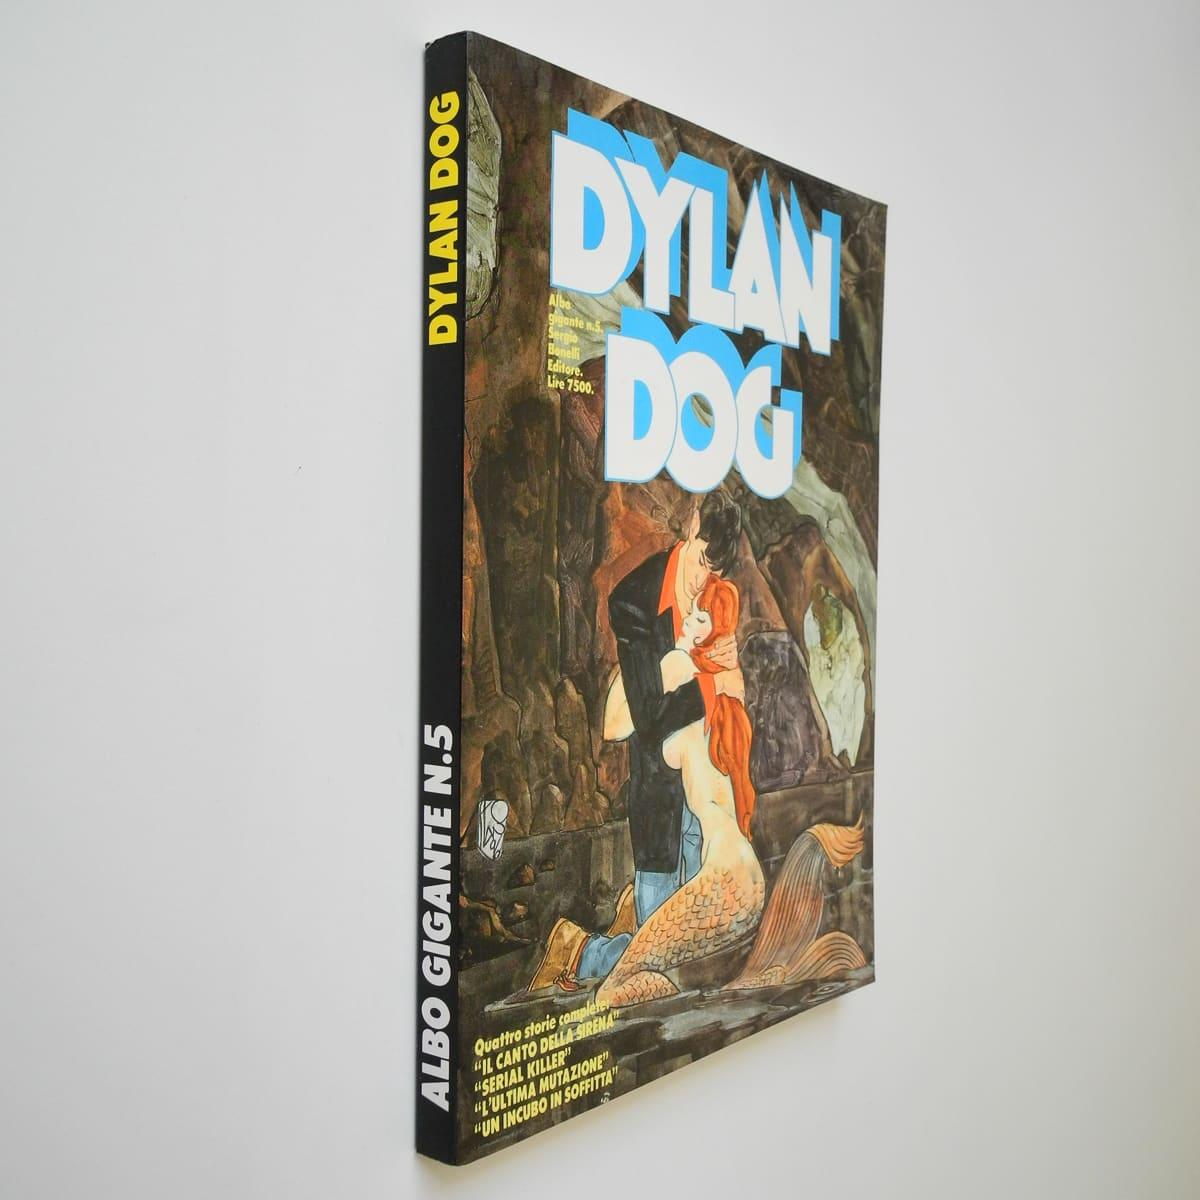 Dylan Dog Albo Gigante n. 5 originale